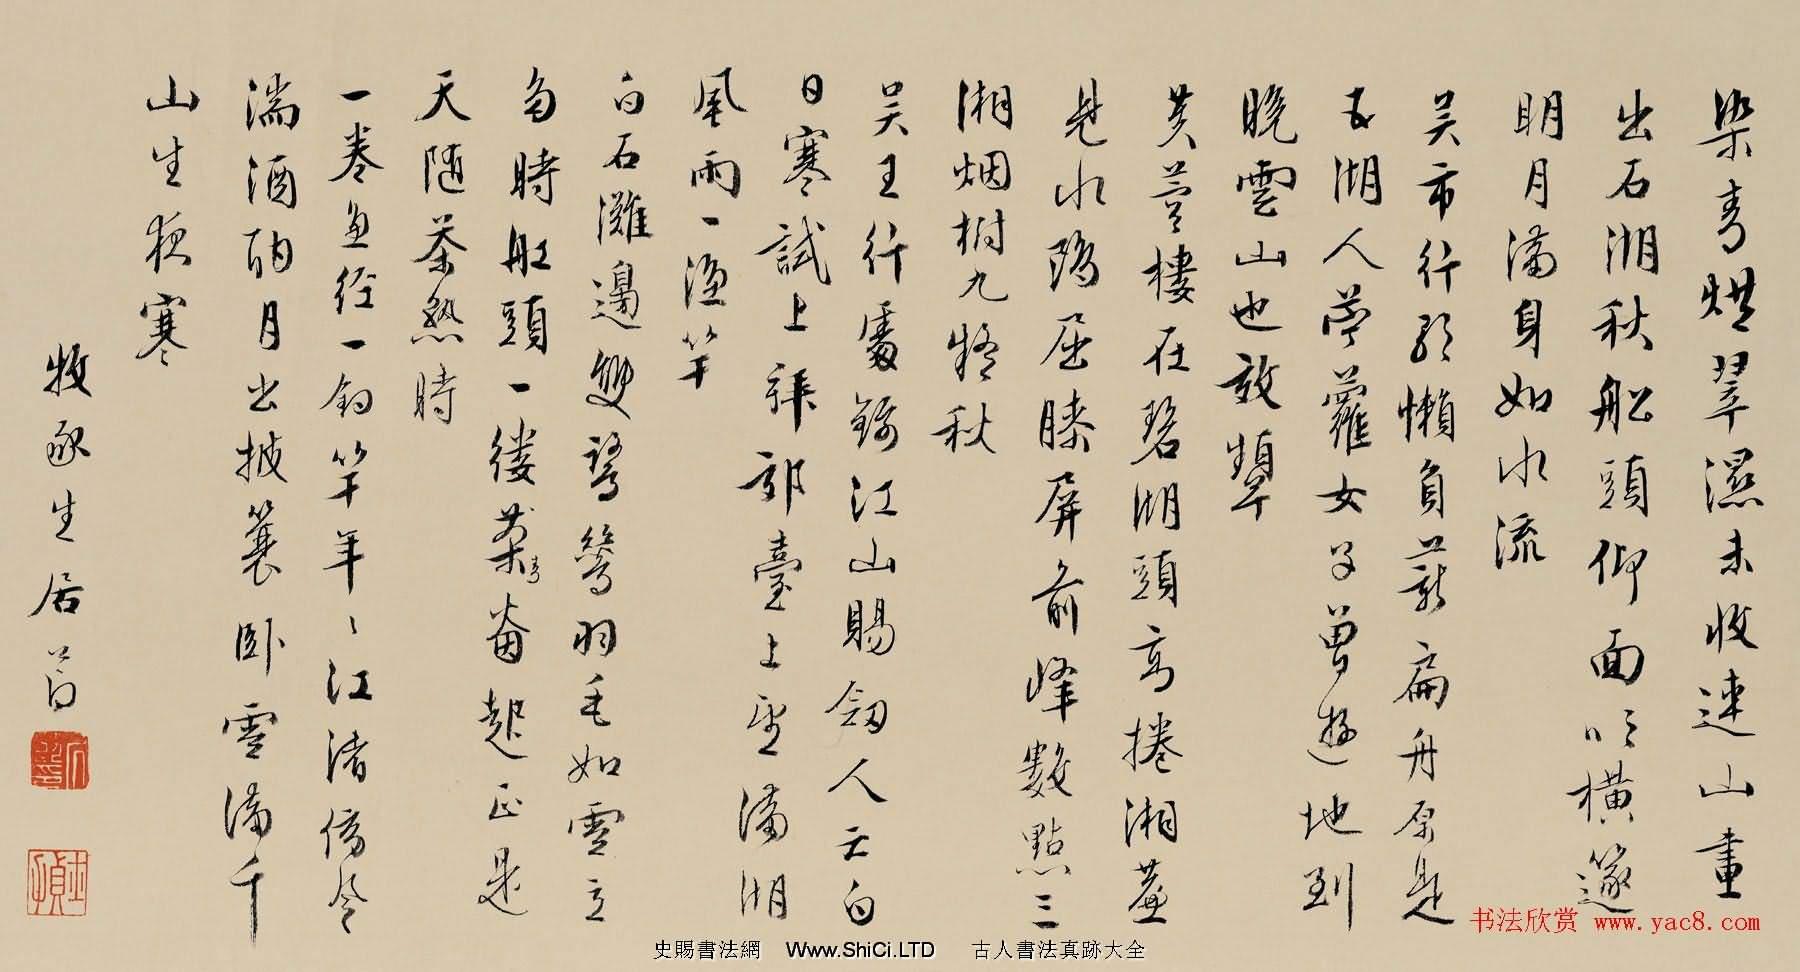 文征明入室弟子居節行書墨跡(共7張圖片)